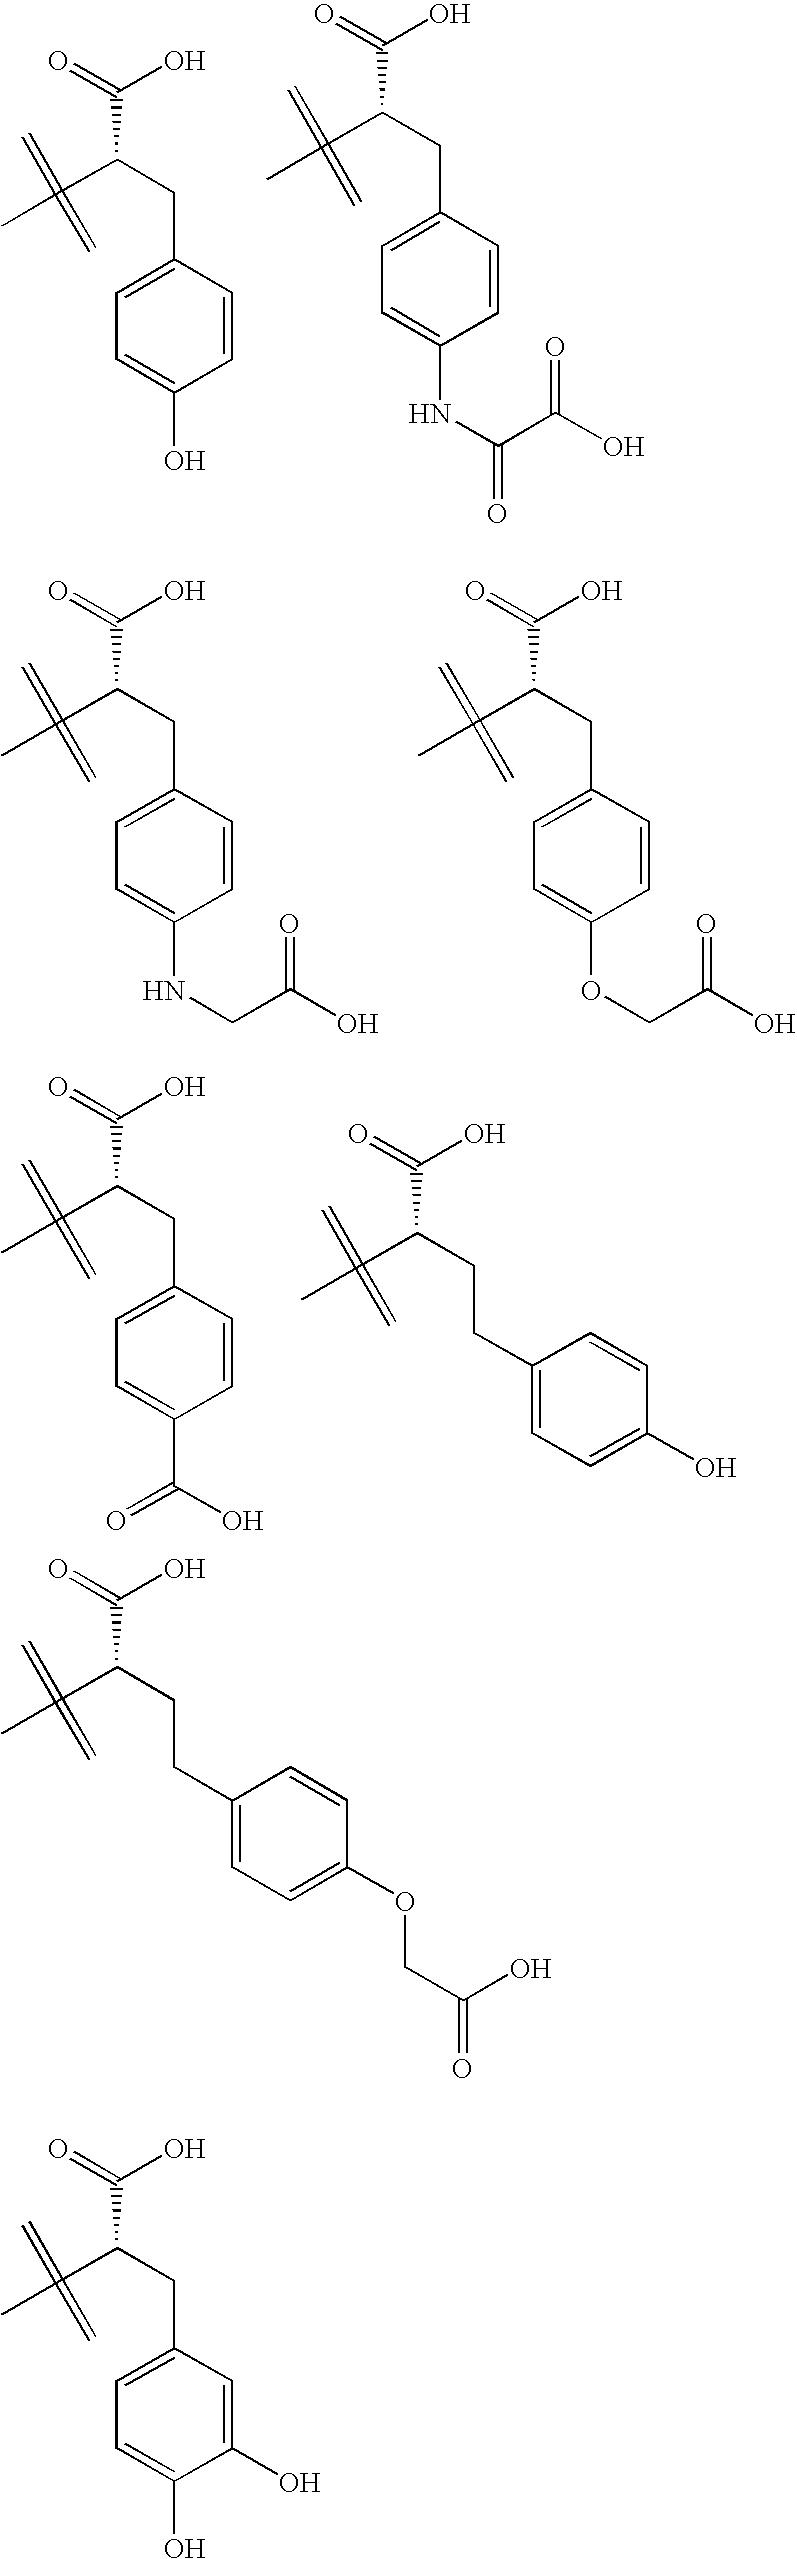 Figure US20070049593A1-20070301-C00127